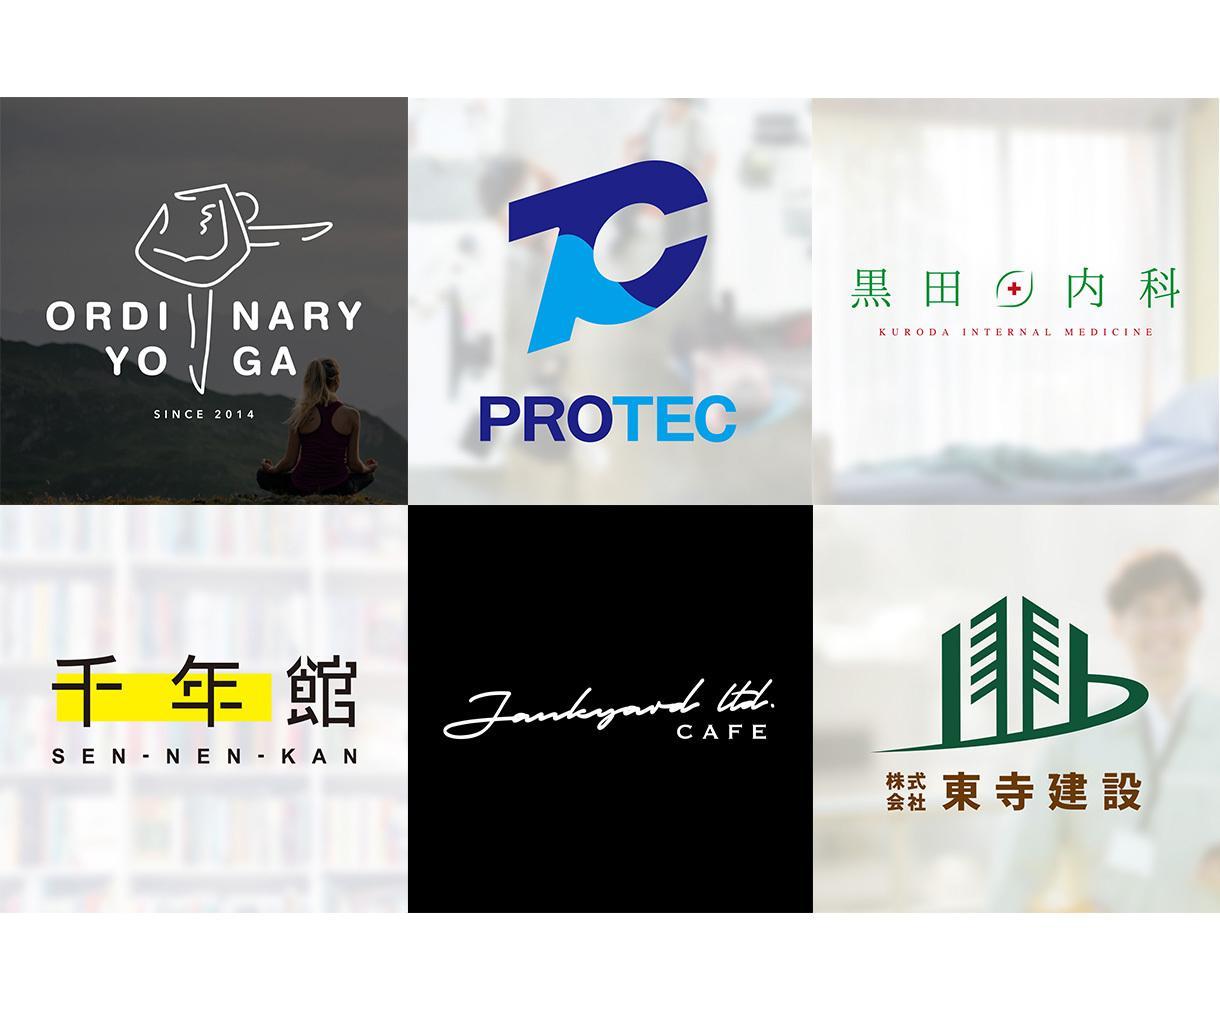 高品質【実績多数】プロが御社のロゴを制作します 色褪せない!企業・ブランドロゴを心を込めてご提供します